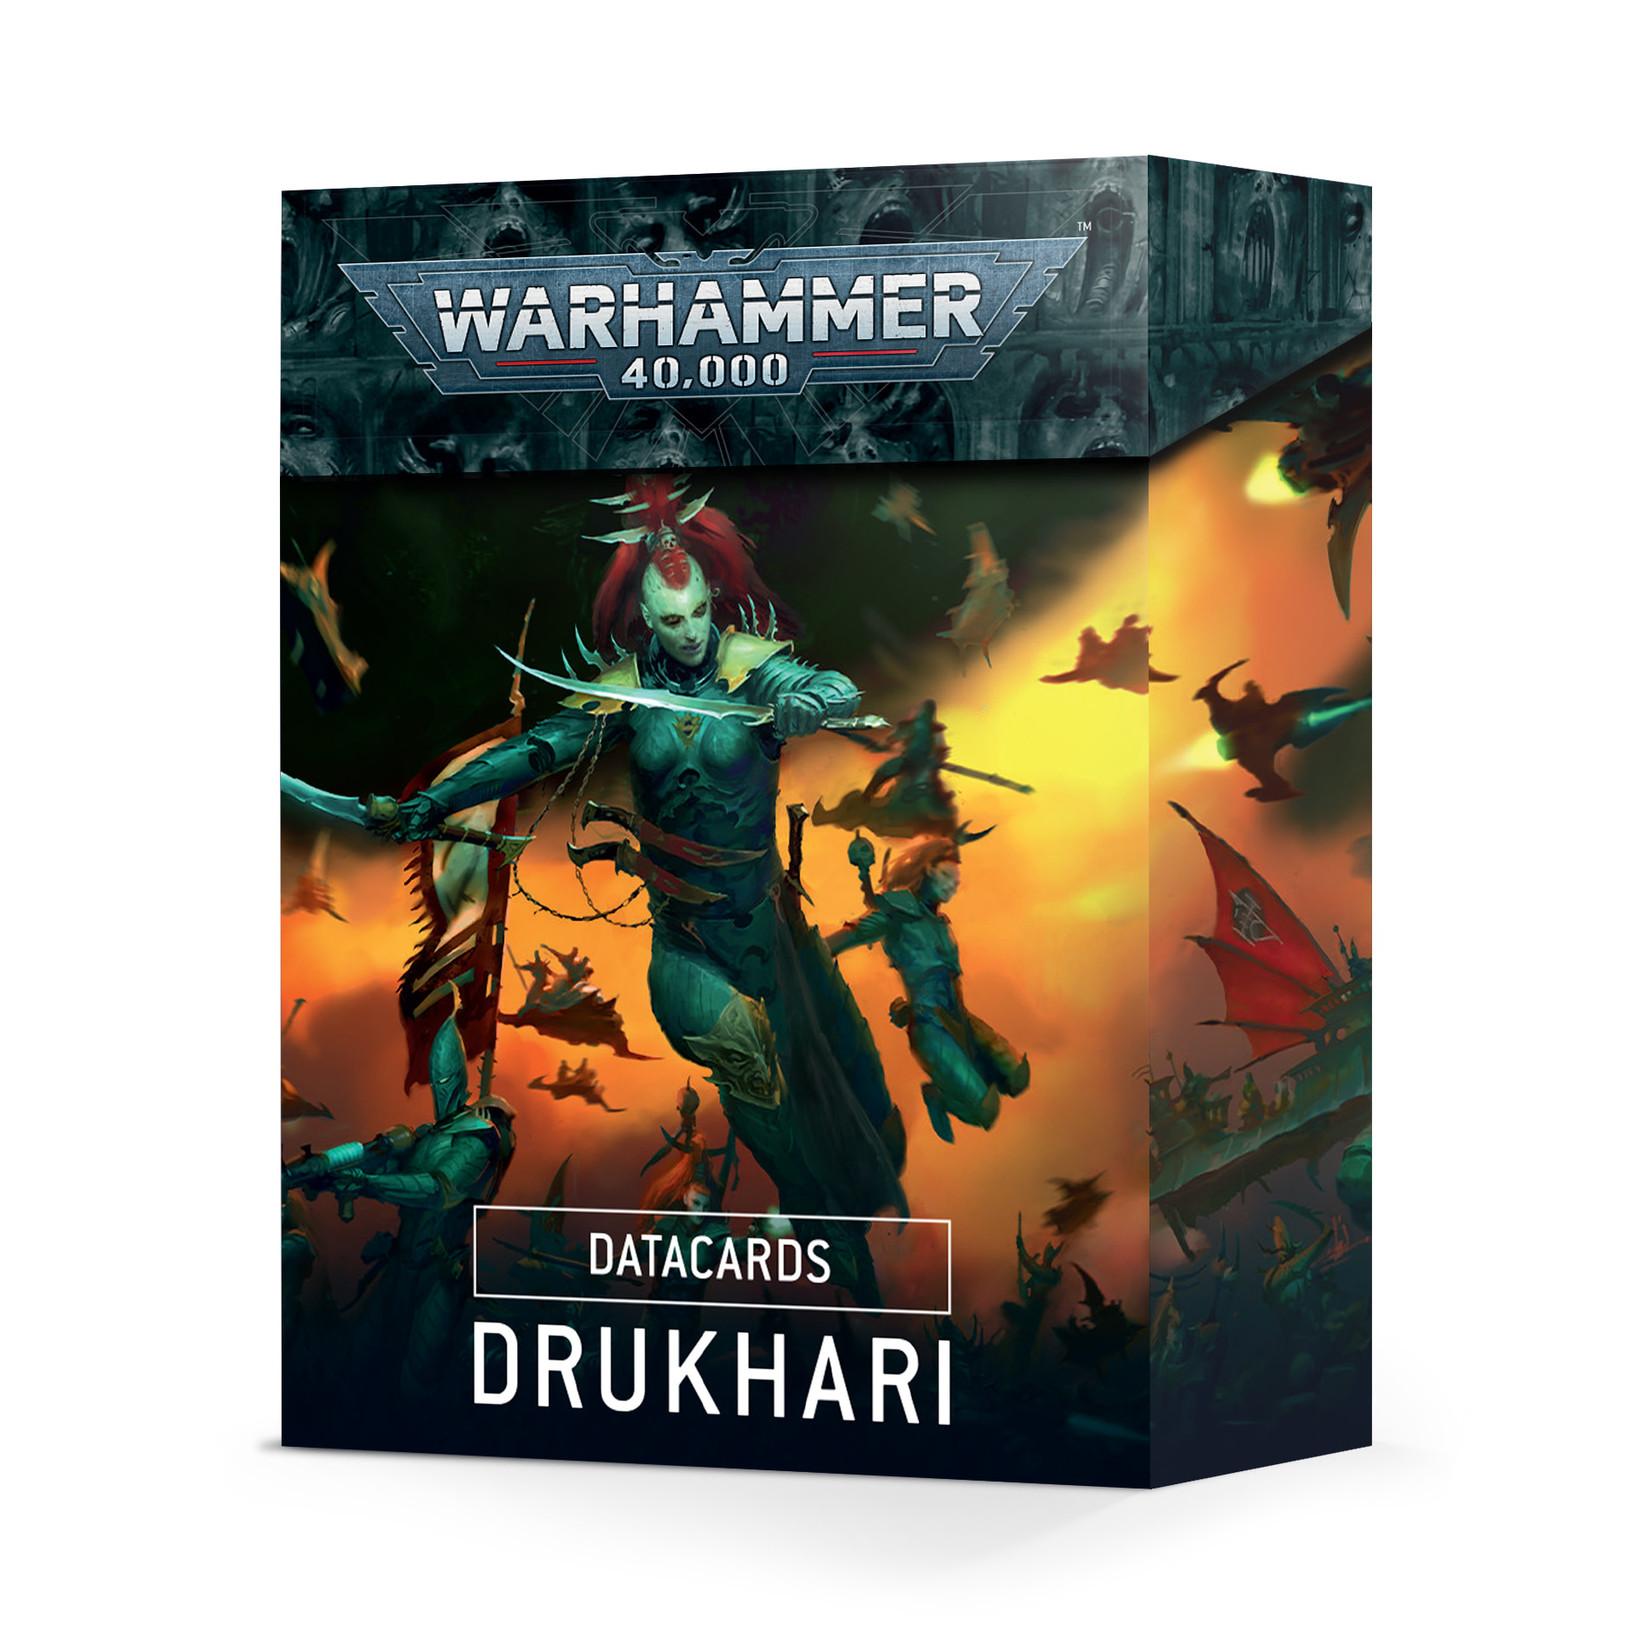 Games Workshop Warhammer 40k: Drukhari - Datacards